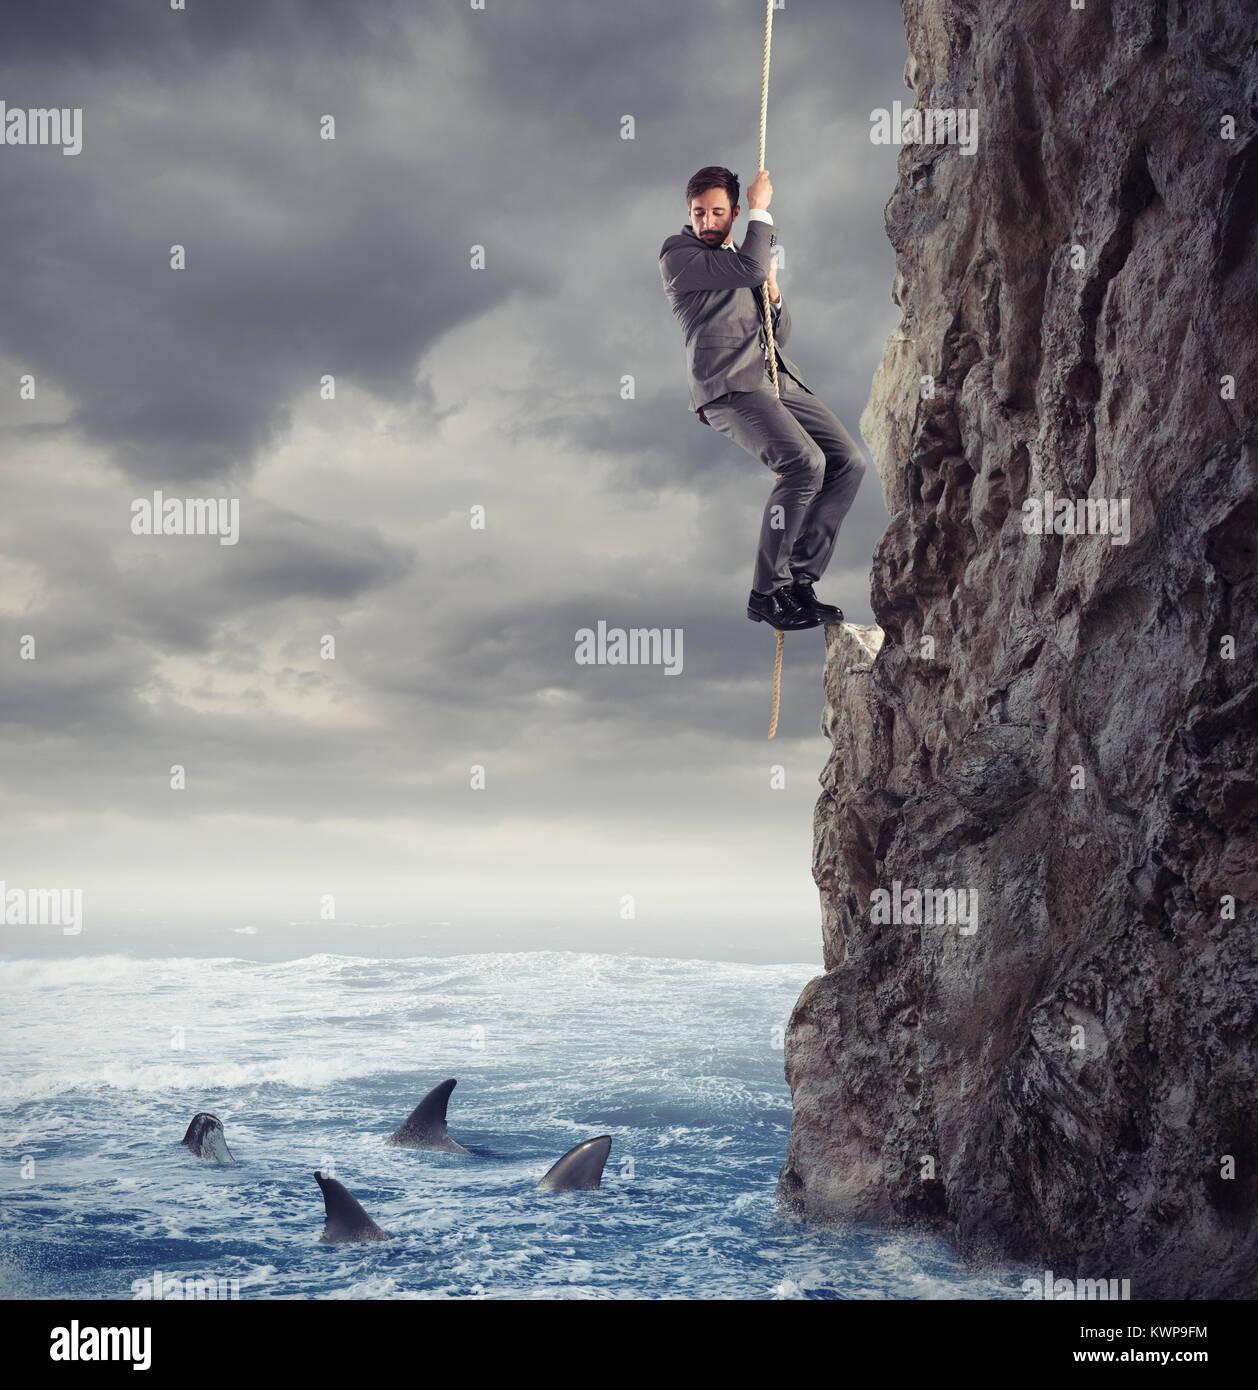 Empresario es probable caer en el mar con tiburones. Concepto de problemas y dificultades en los negocios Foto de stock